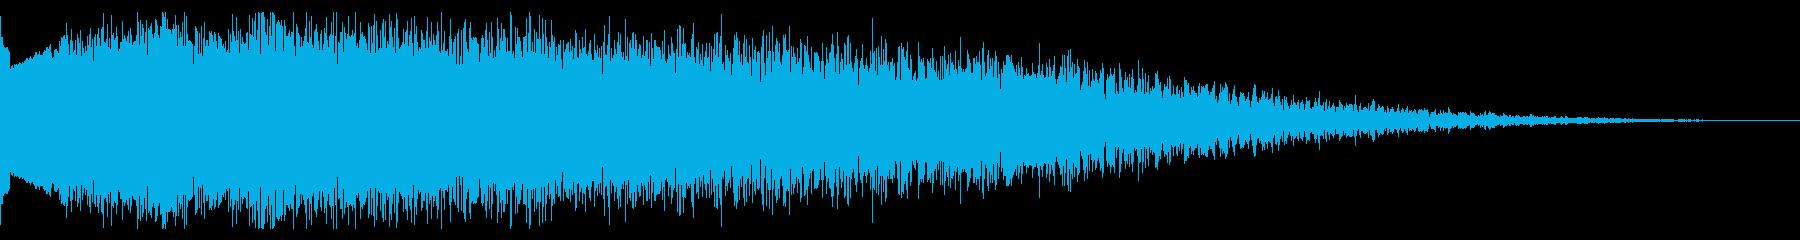 ヒューン(徐々に降下していく音)の再生済みの波形